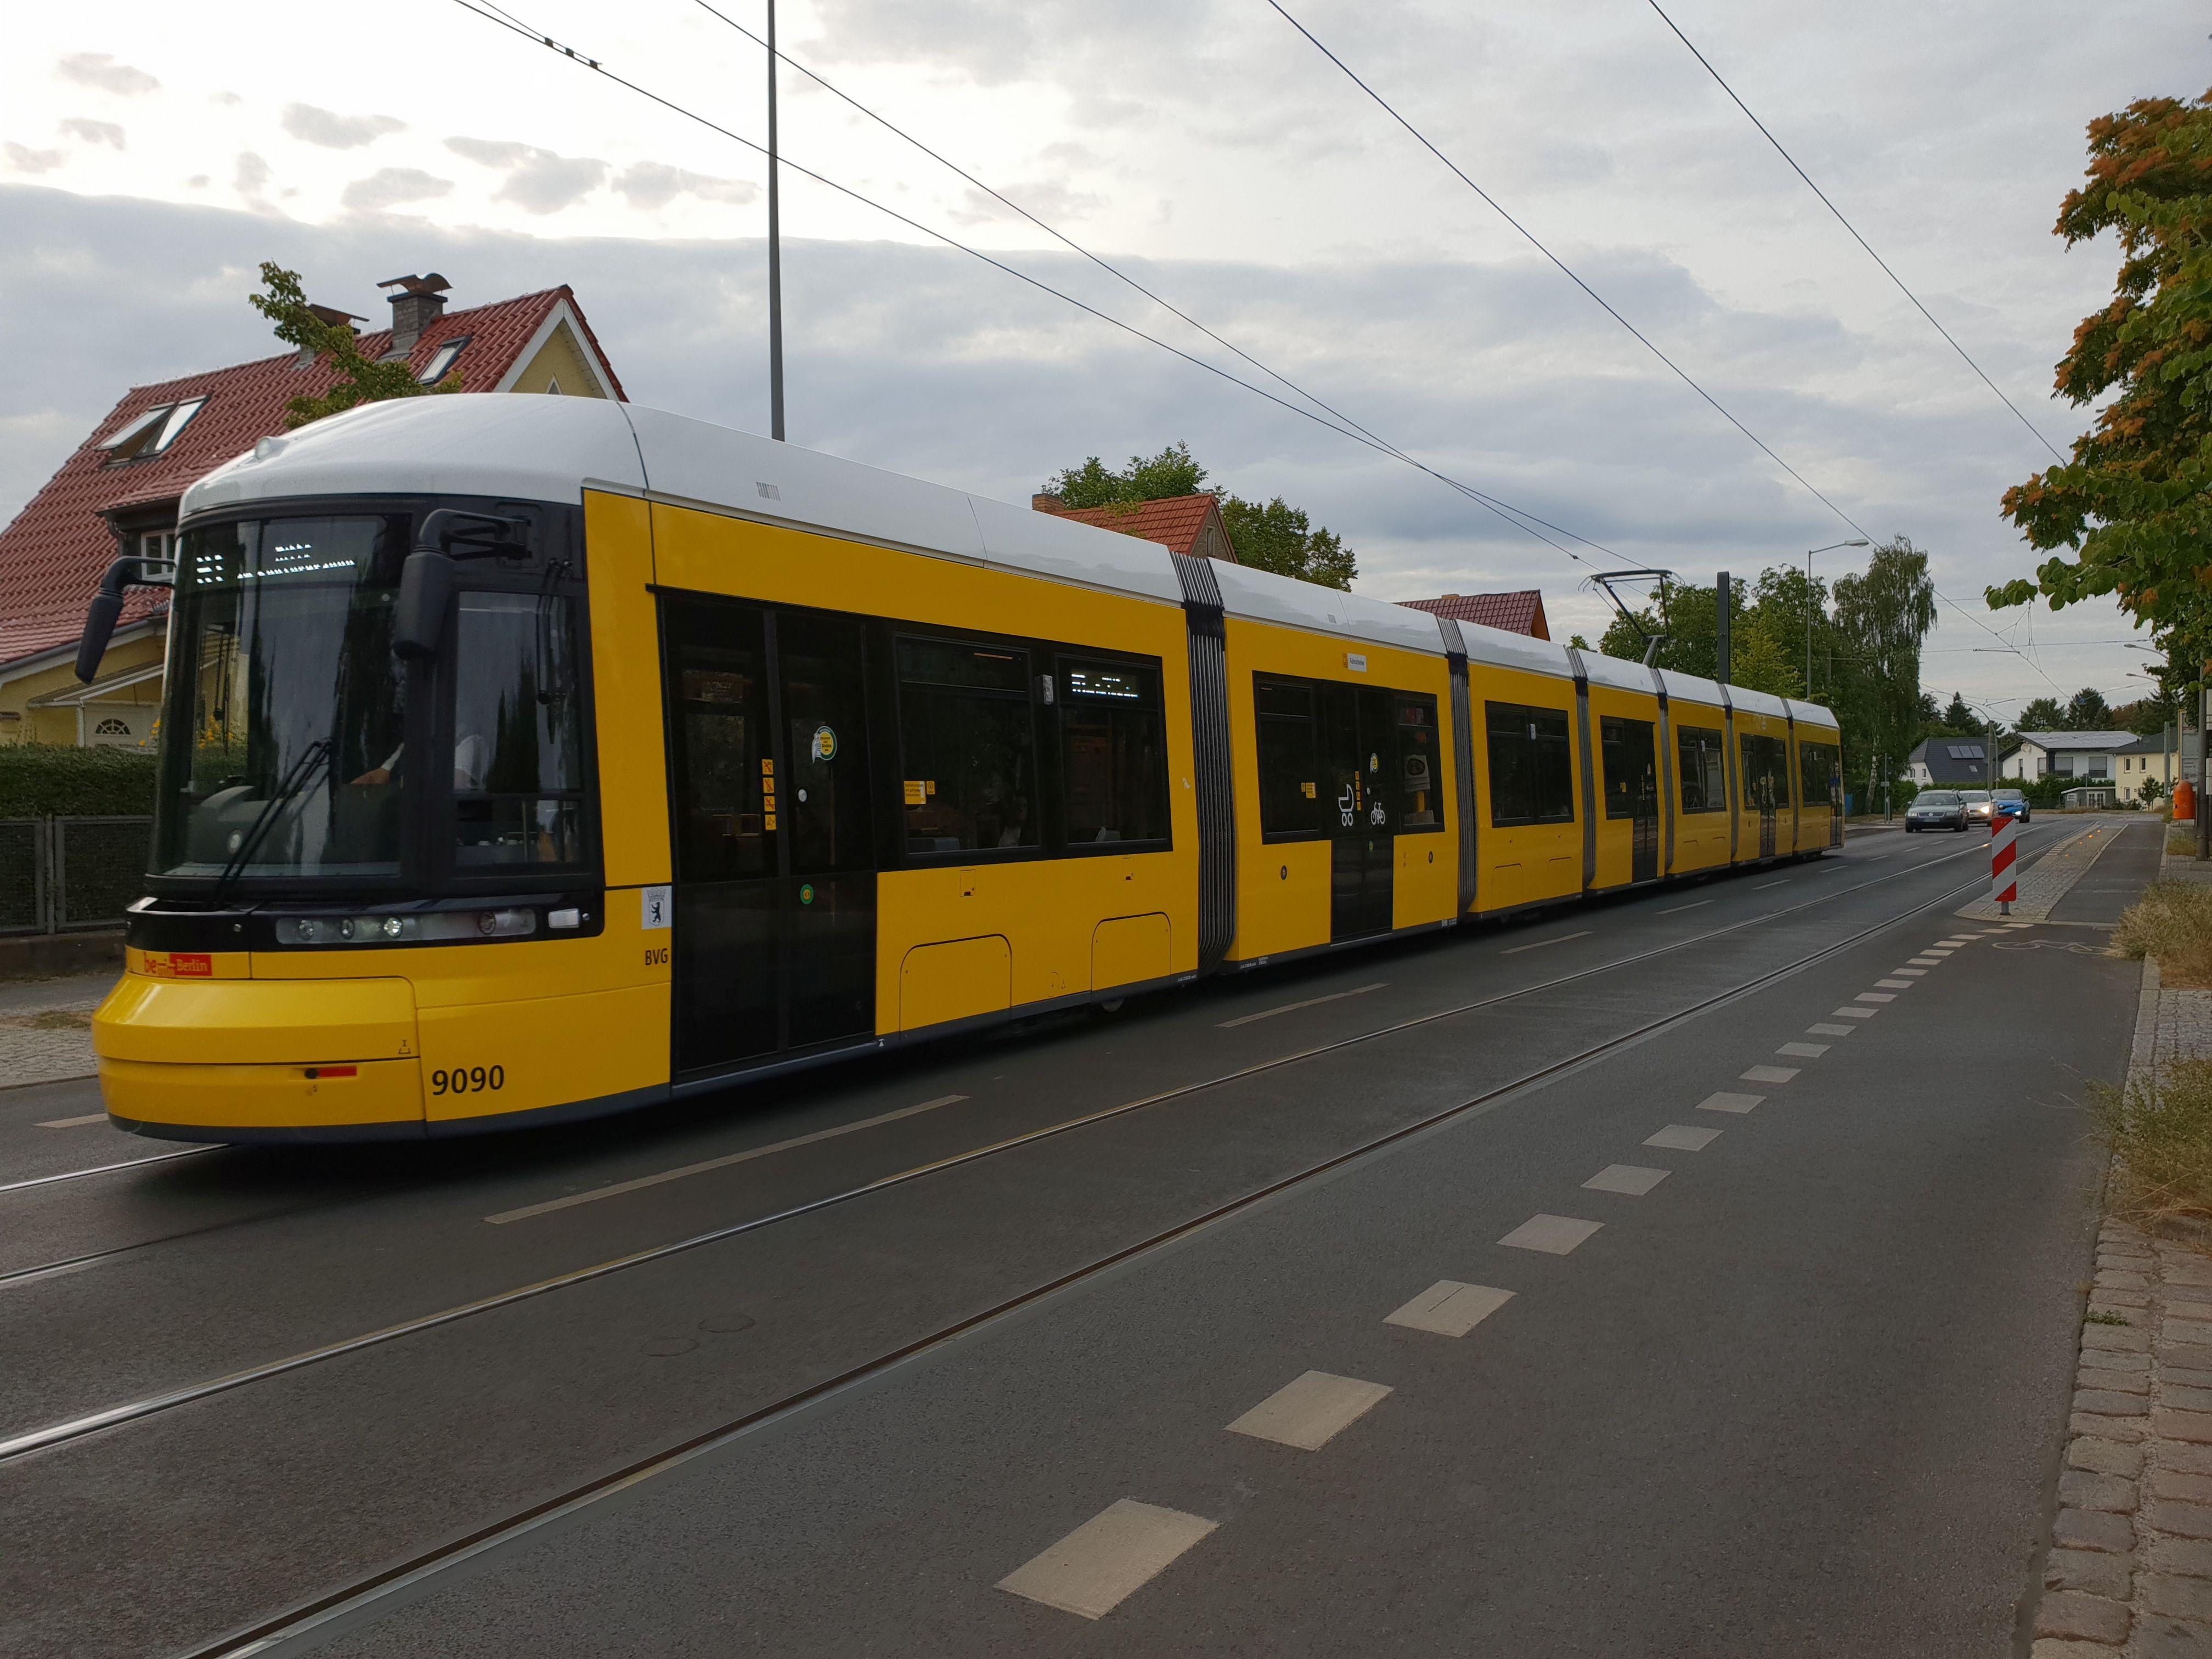 Straßenbahn 9090, Typ Flexity ZRL, Niederschönhausen, August 2018